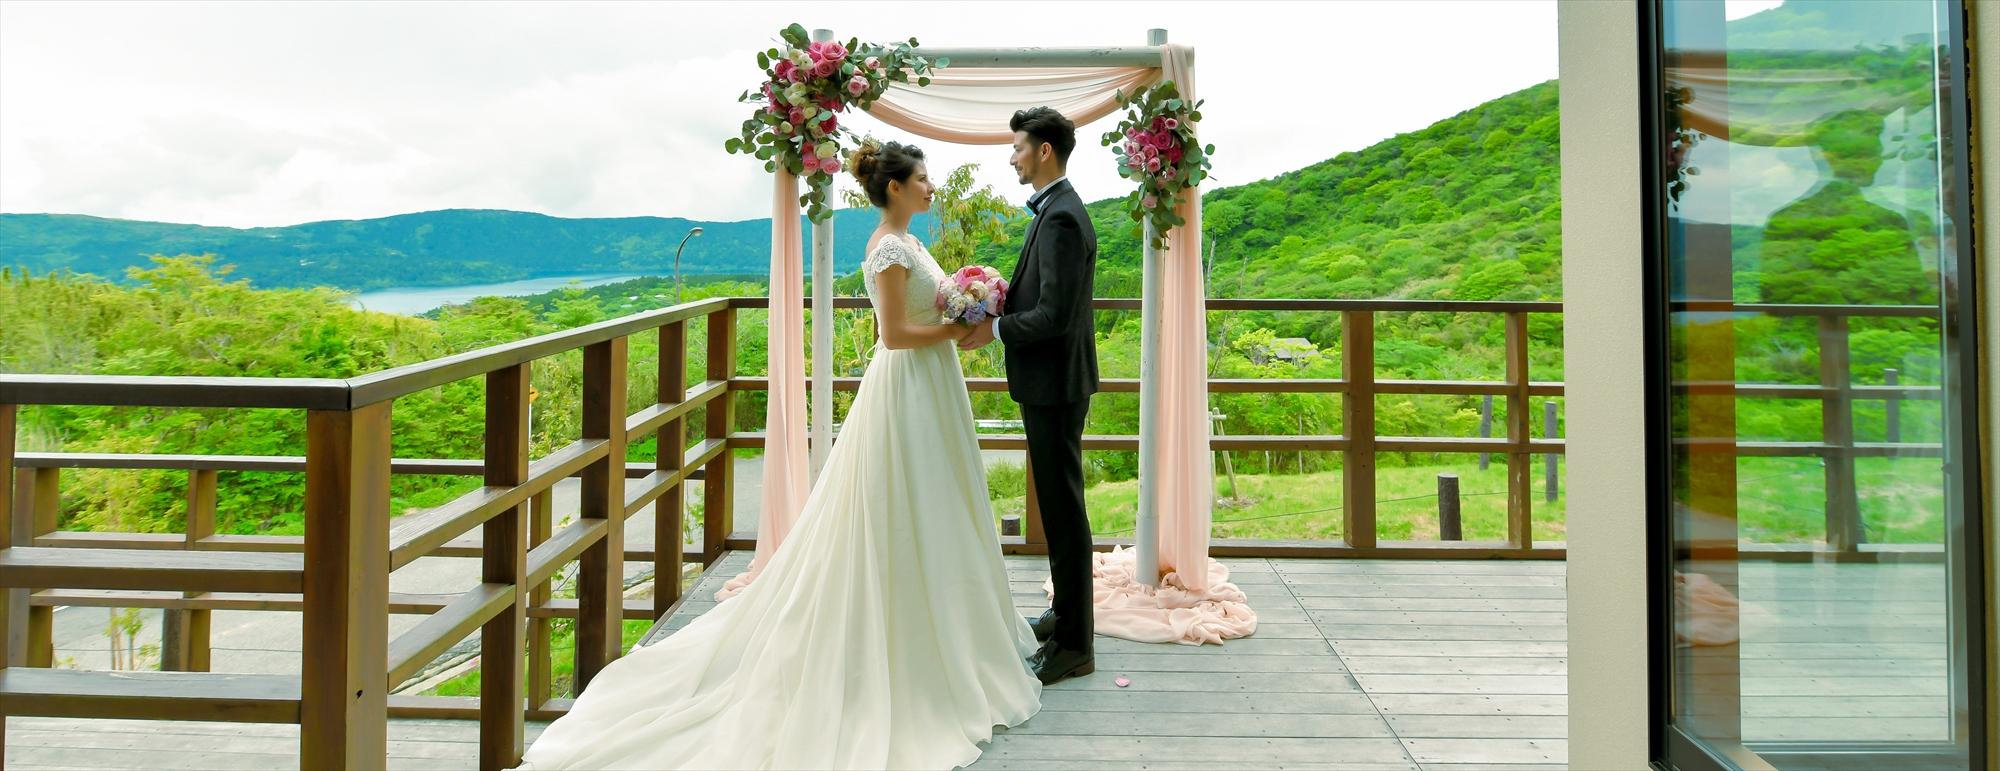 箱根2人結婚式 Hakone Just Us Wedding Toki Resort hakone ときリゾート箱根別邸 2人挙式撮影